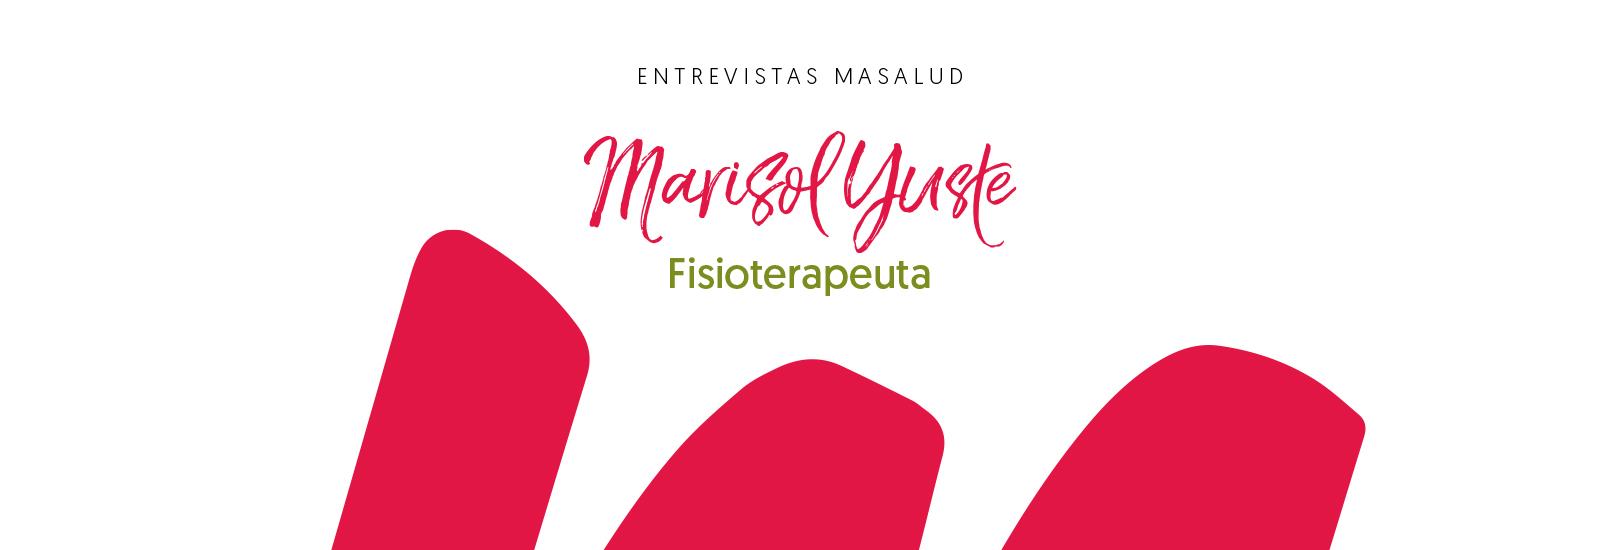 Más Masalud, Marisol Yuste, Fisioterapeuta